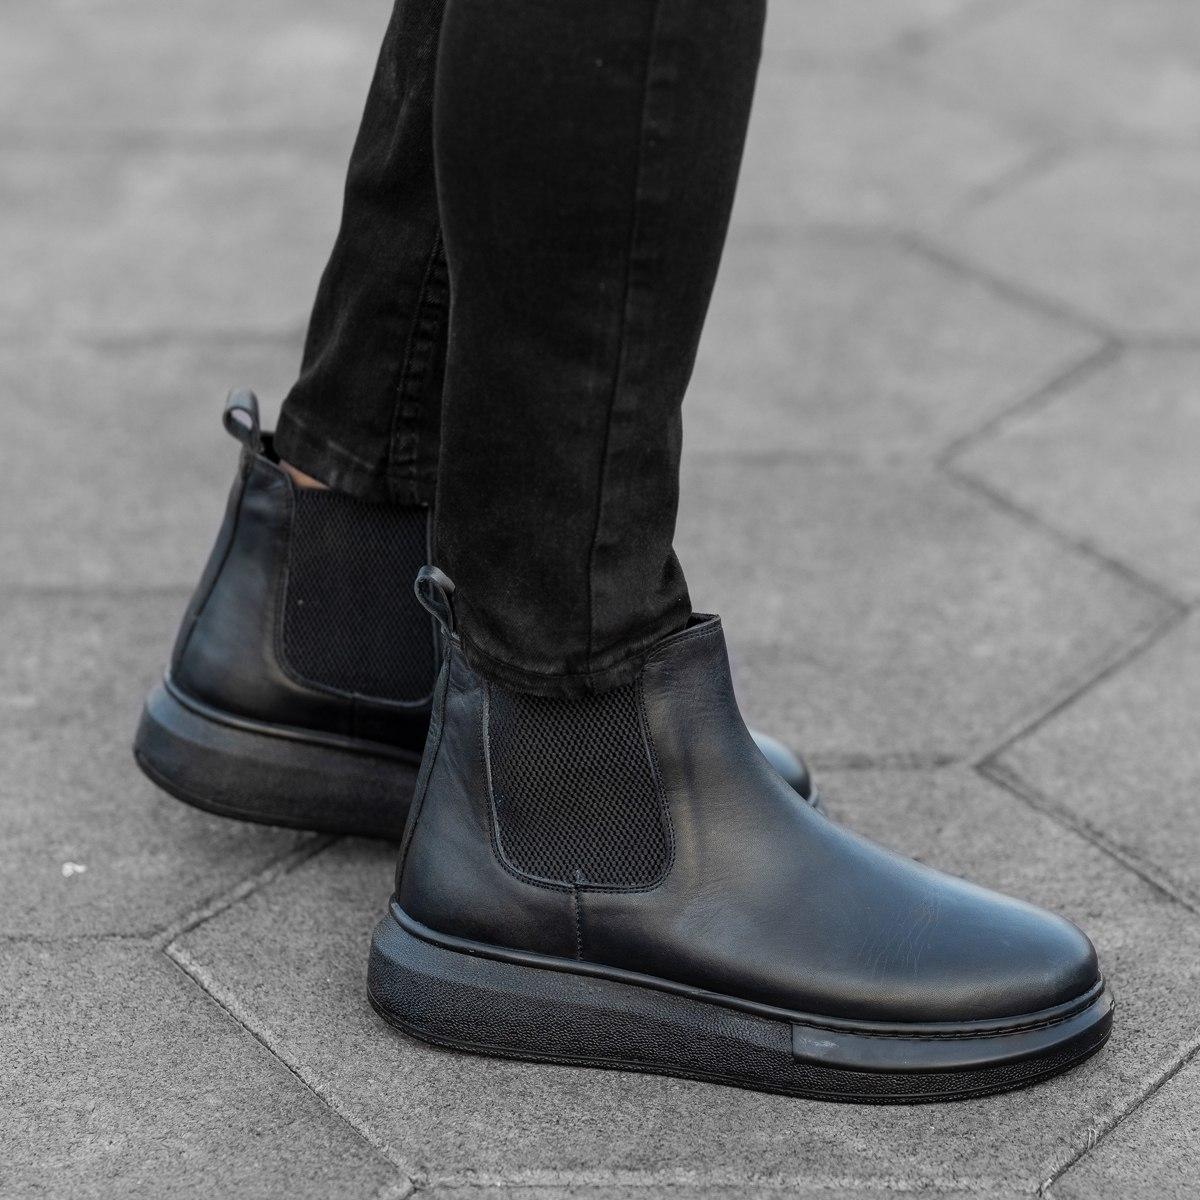 Herren Hype Sole Chelsea Boots Stiefel aus echtem Leder in schwarz Mv Premium Brand - 1